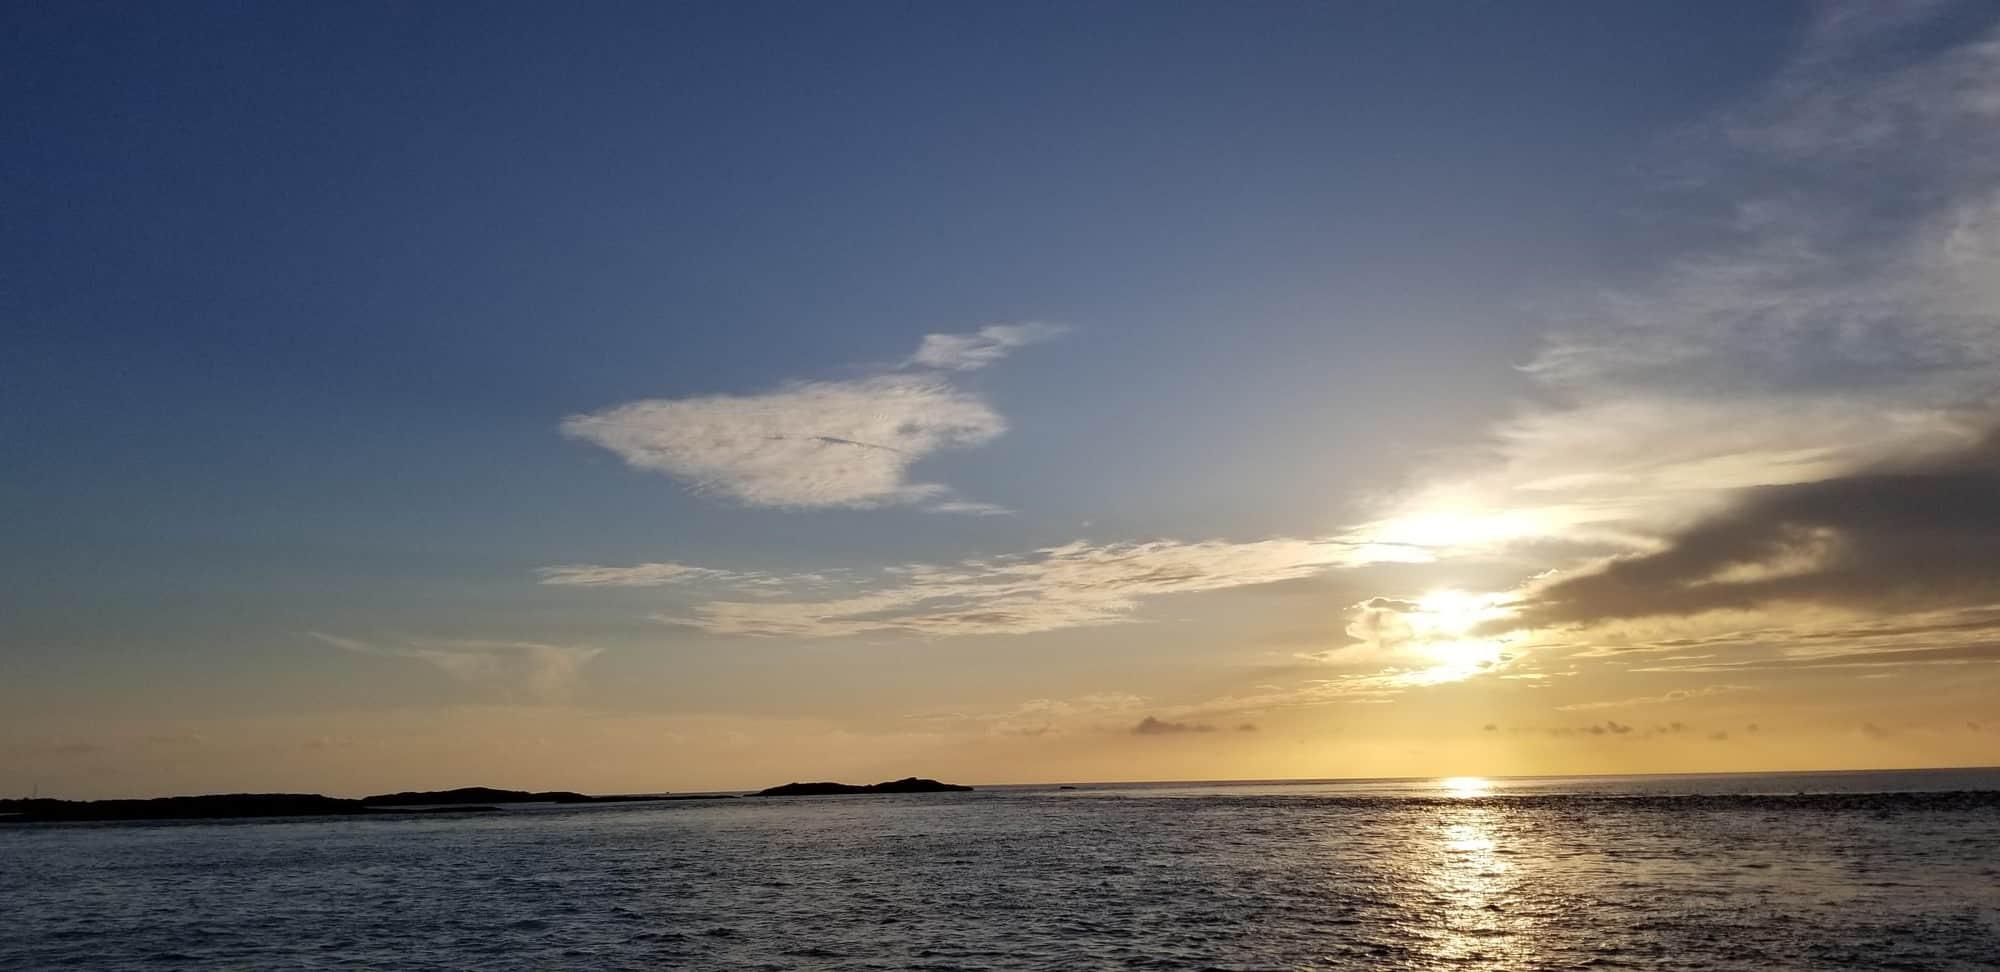 Calm Ocean Morning